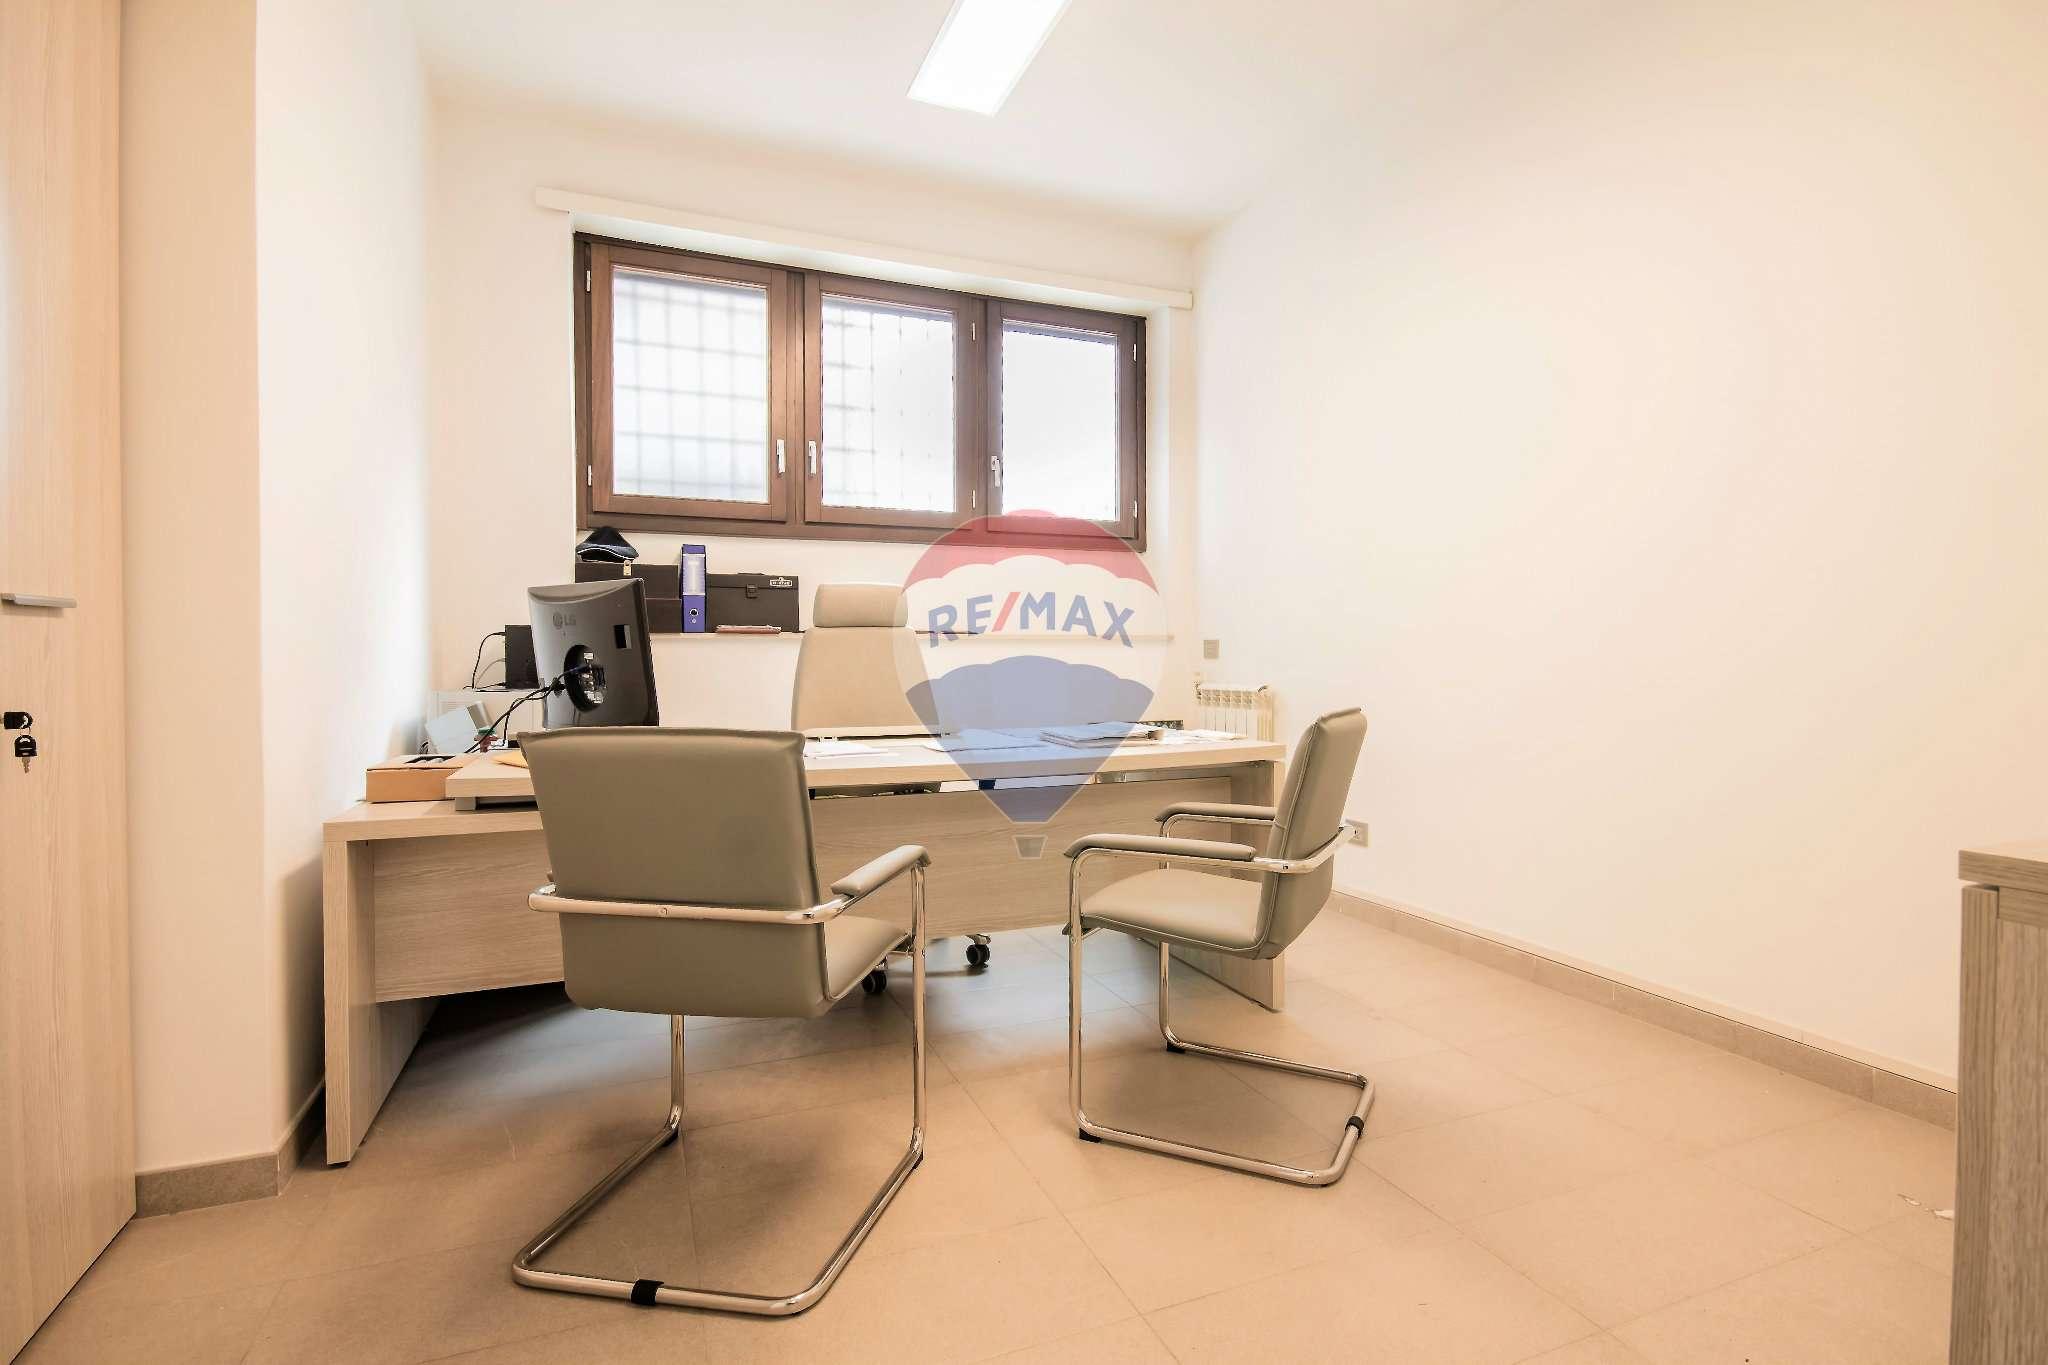 Ufficio In Vendita Roma : Ufficio studio roma vendita u ac zona san giovanni re